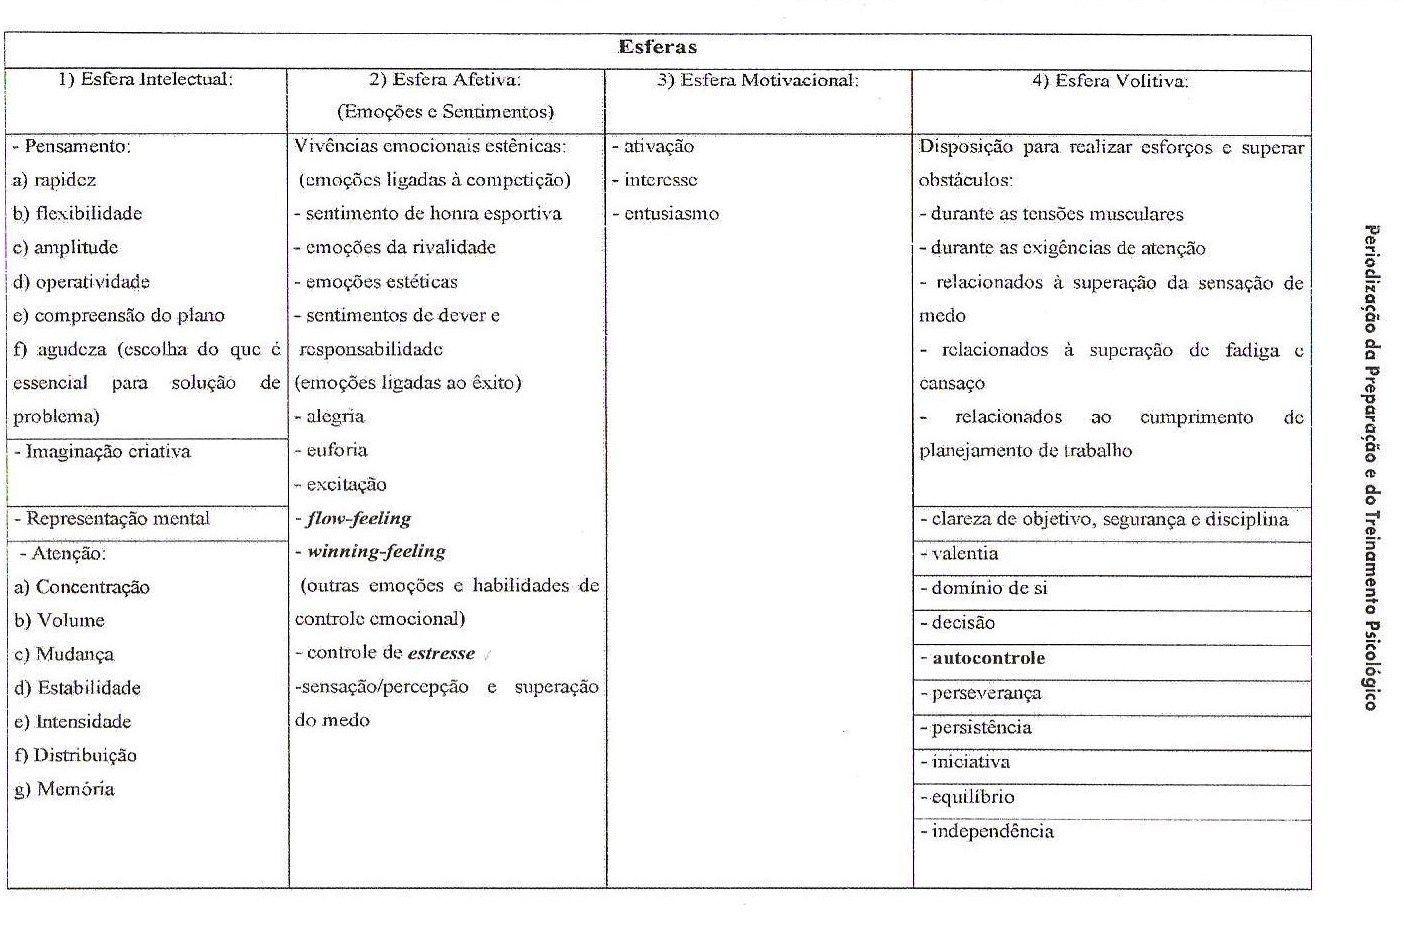 DIGITALIZAÇÃO RODRIGO 1 - Periodização Psicológica no Esporte